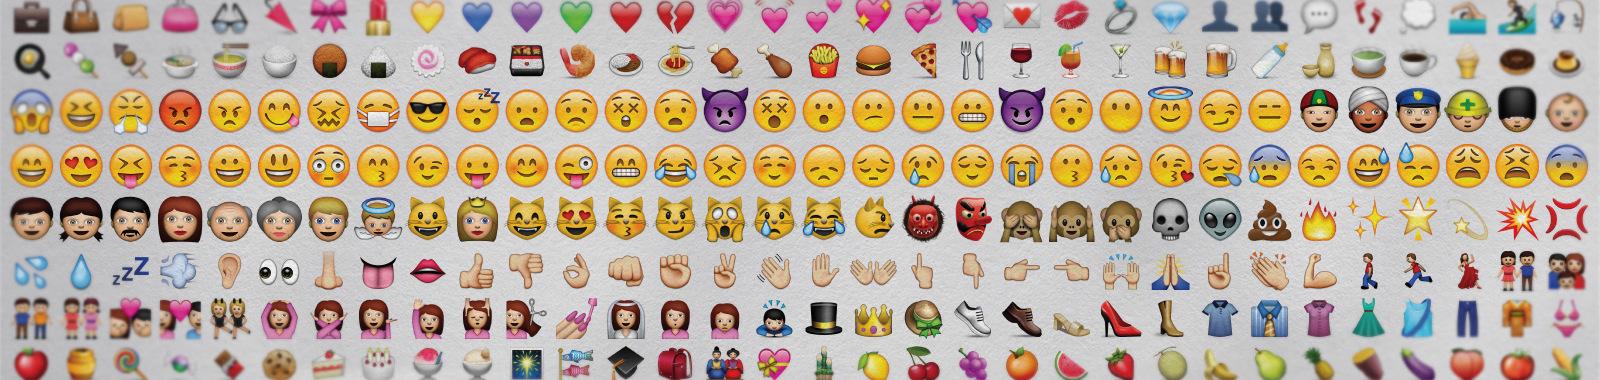 Emojification-banner-blur